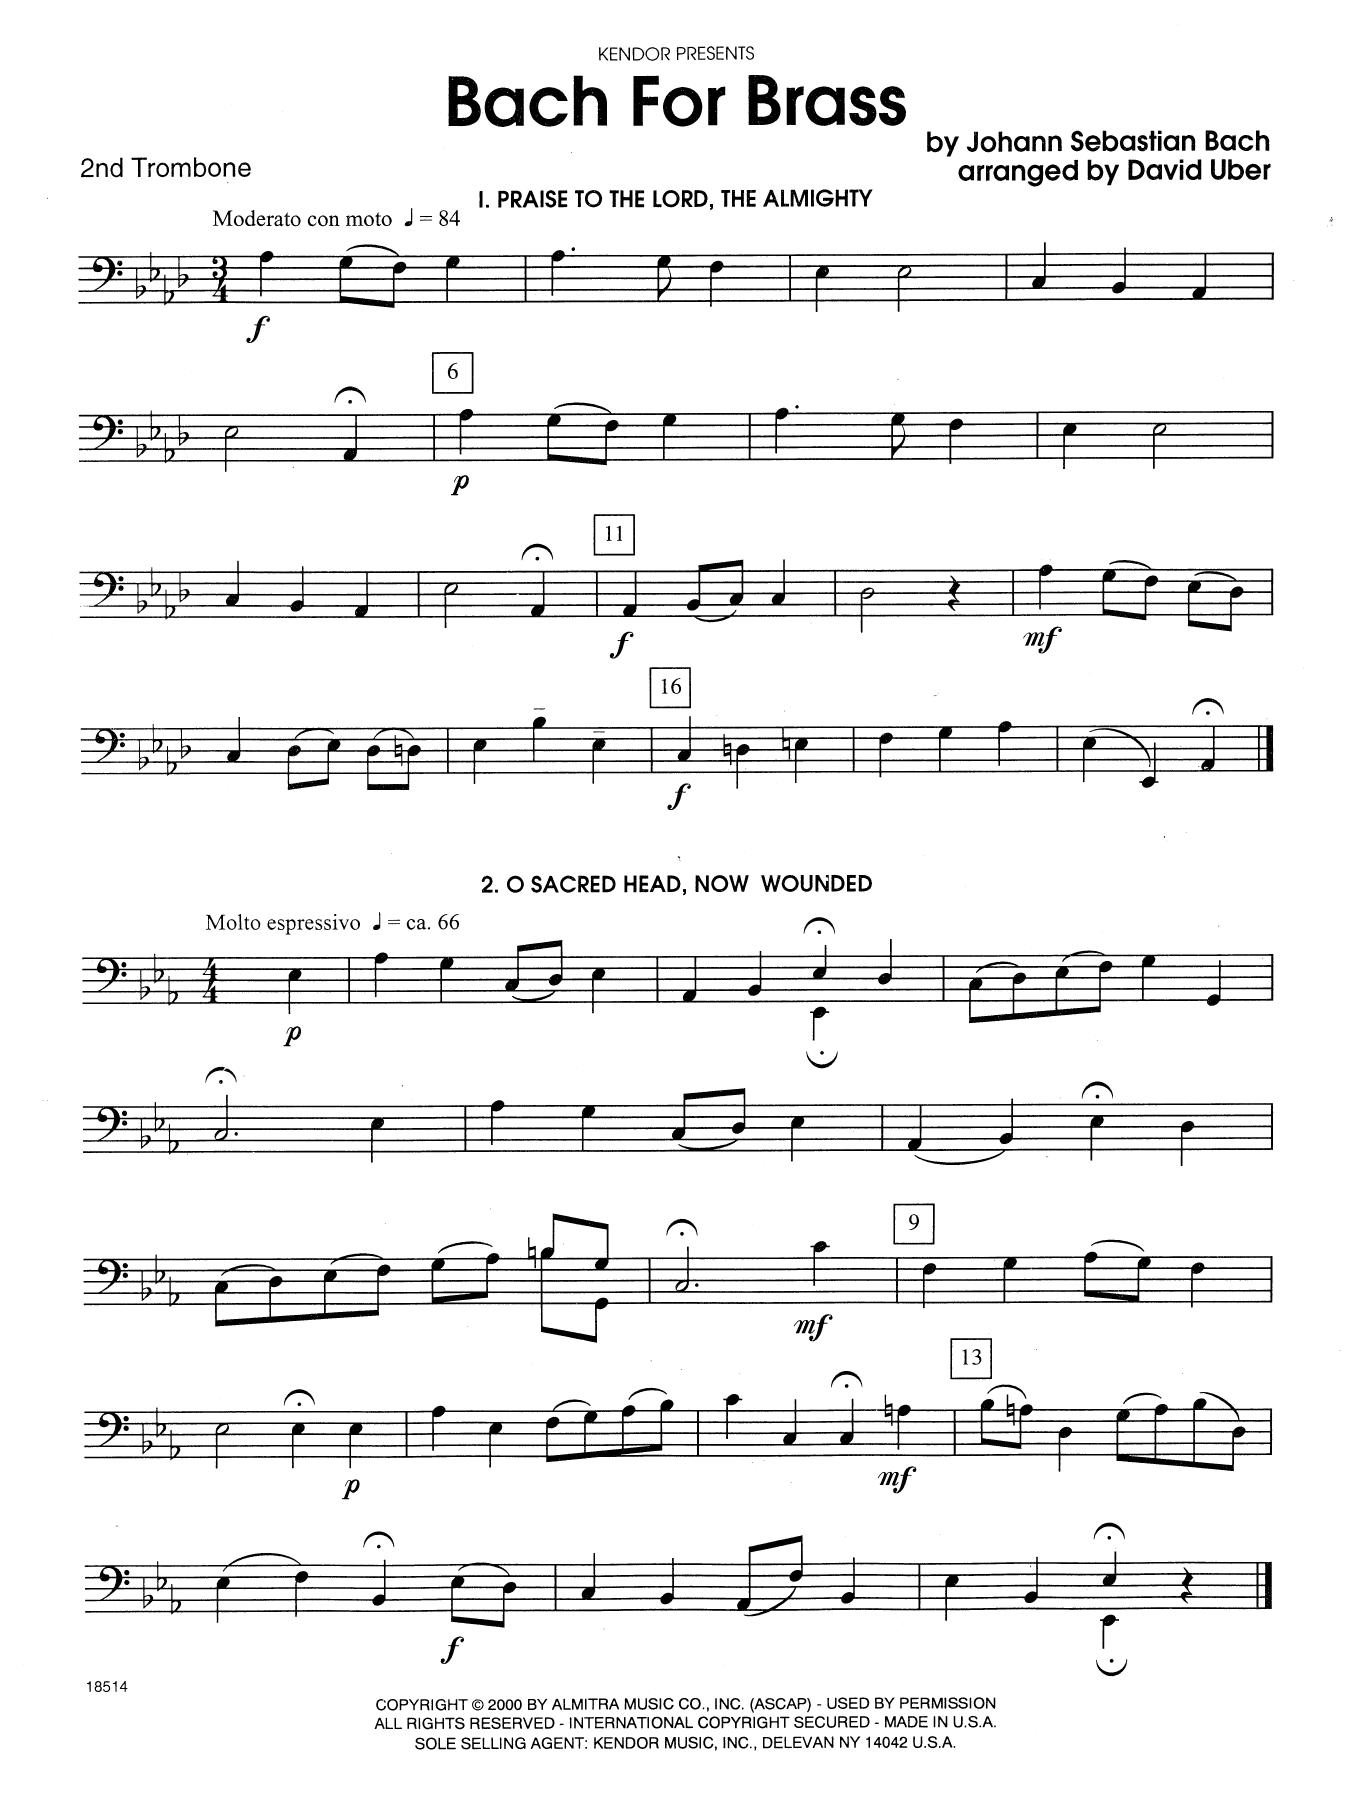 Bach For Brass - 2nd Trombone Sheet Music